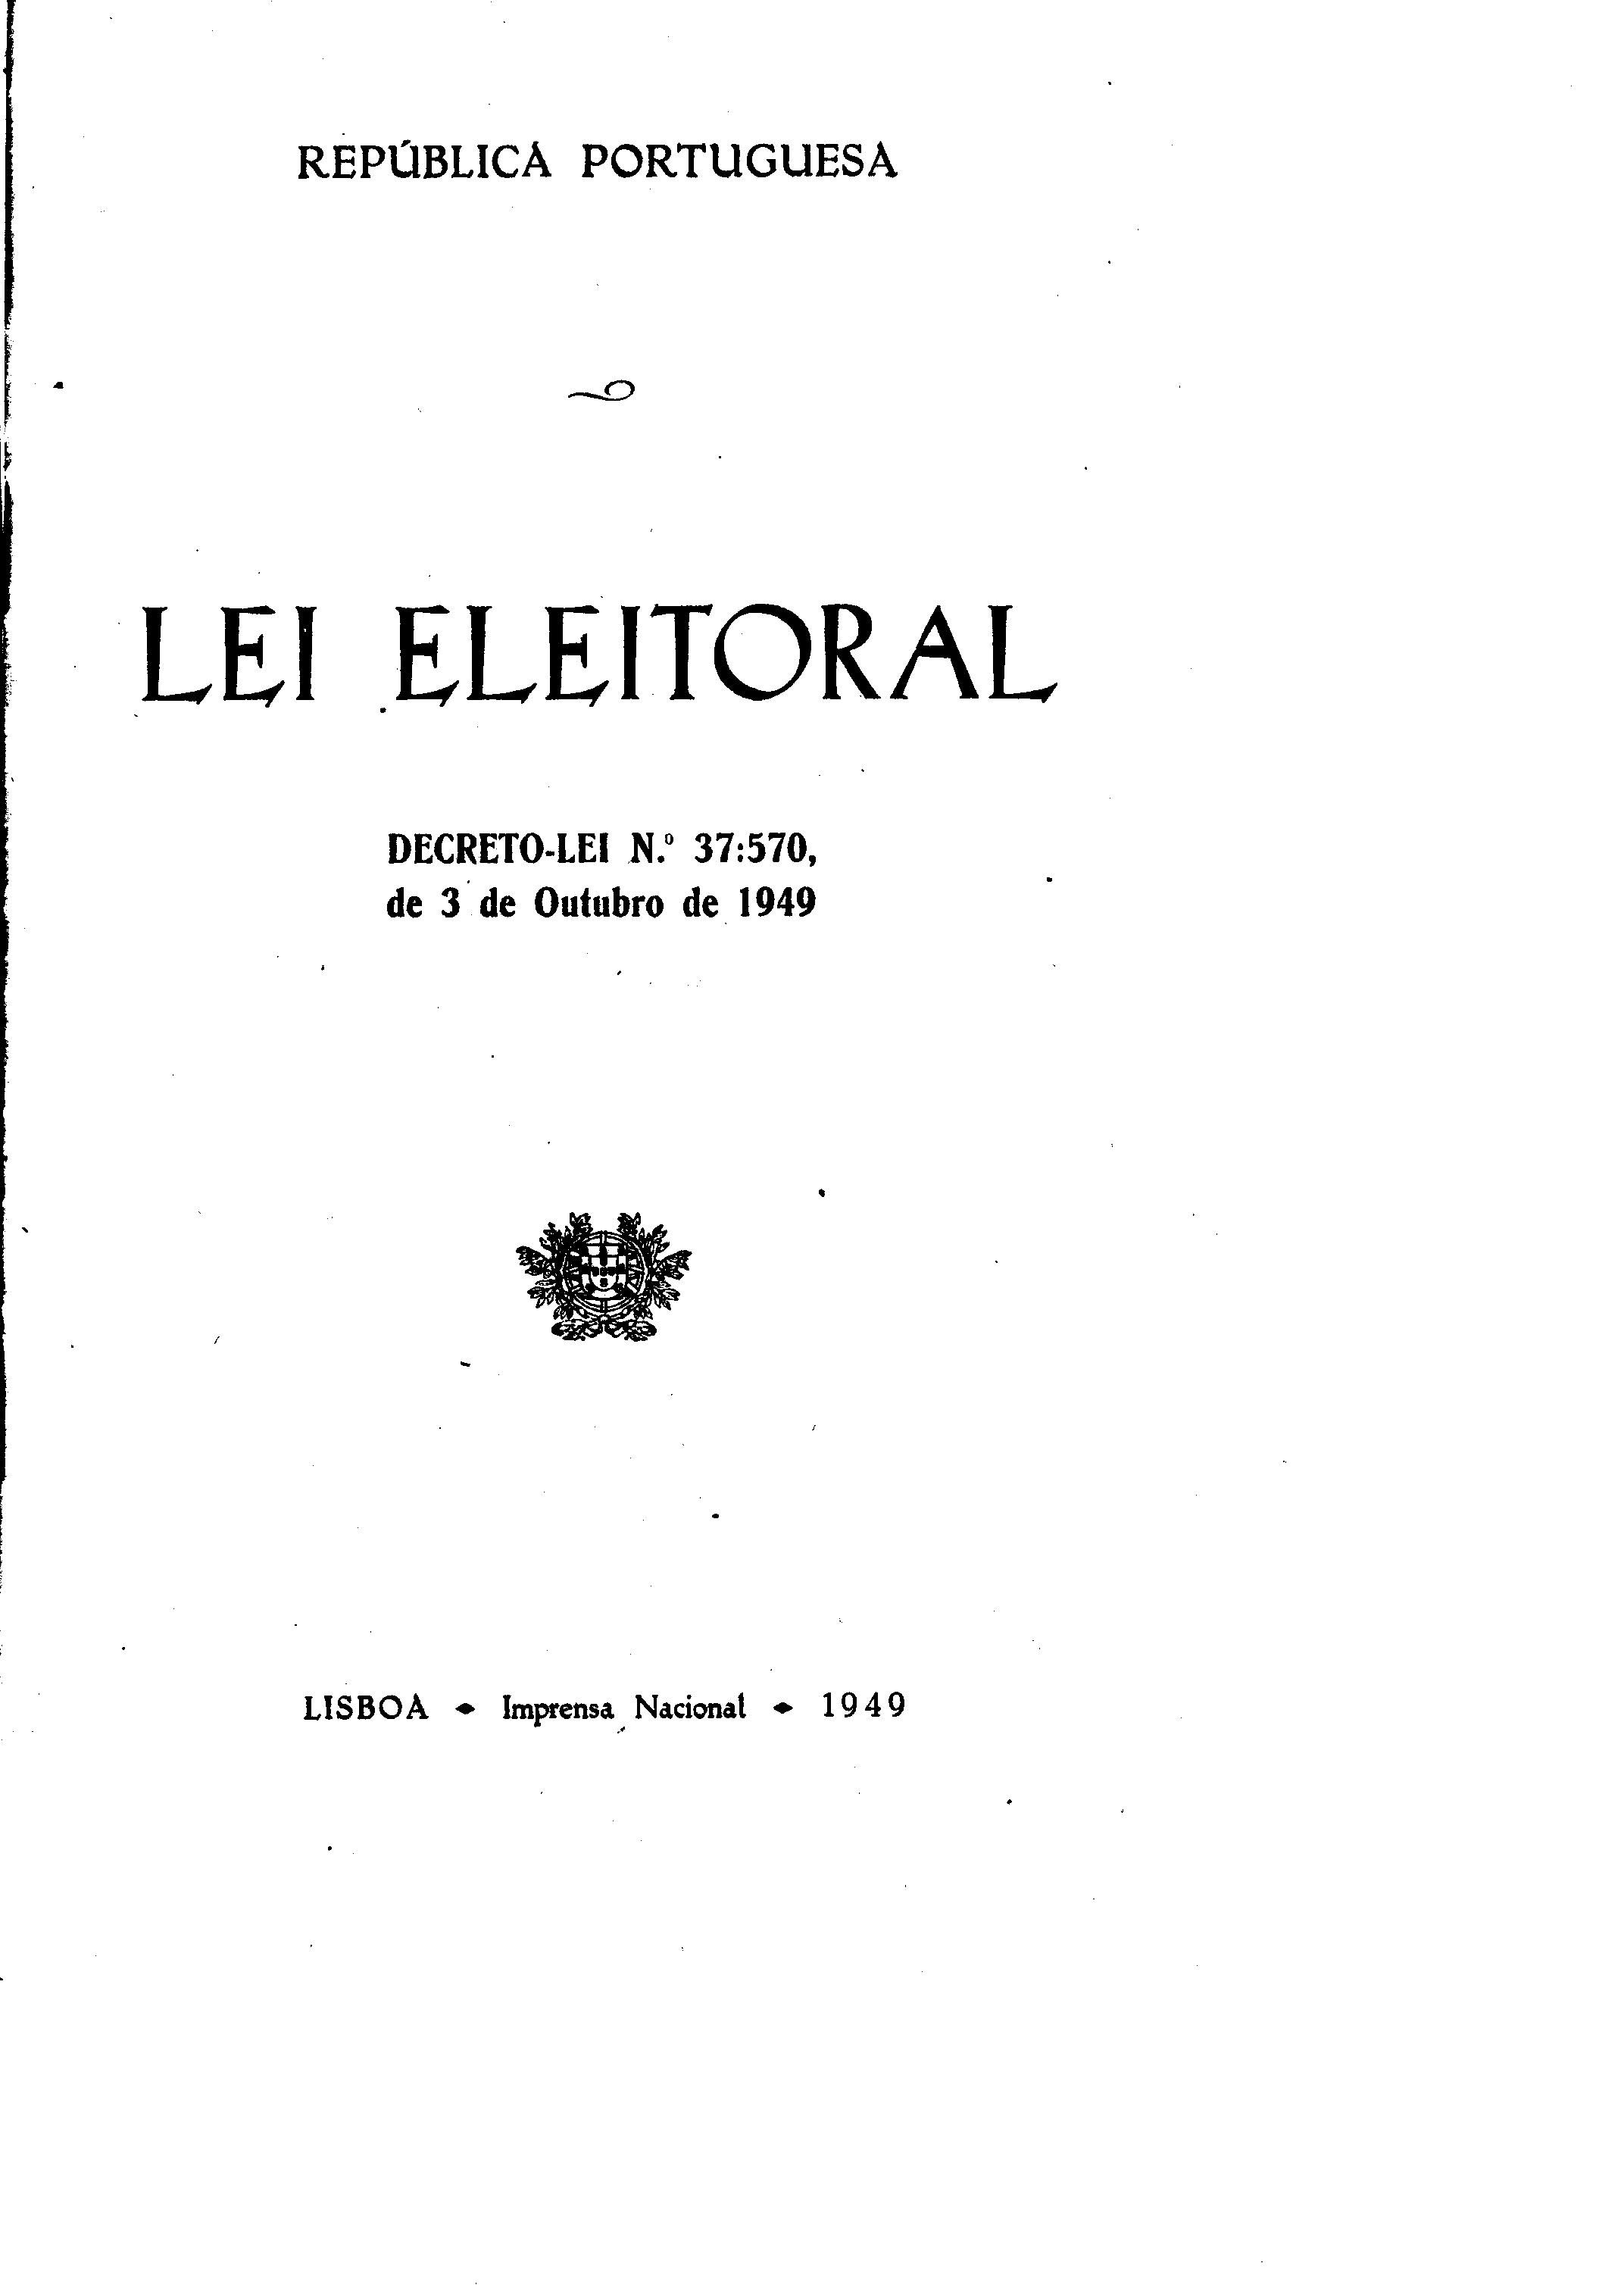 02611.003- pag.1